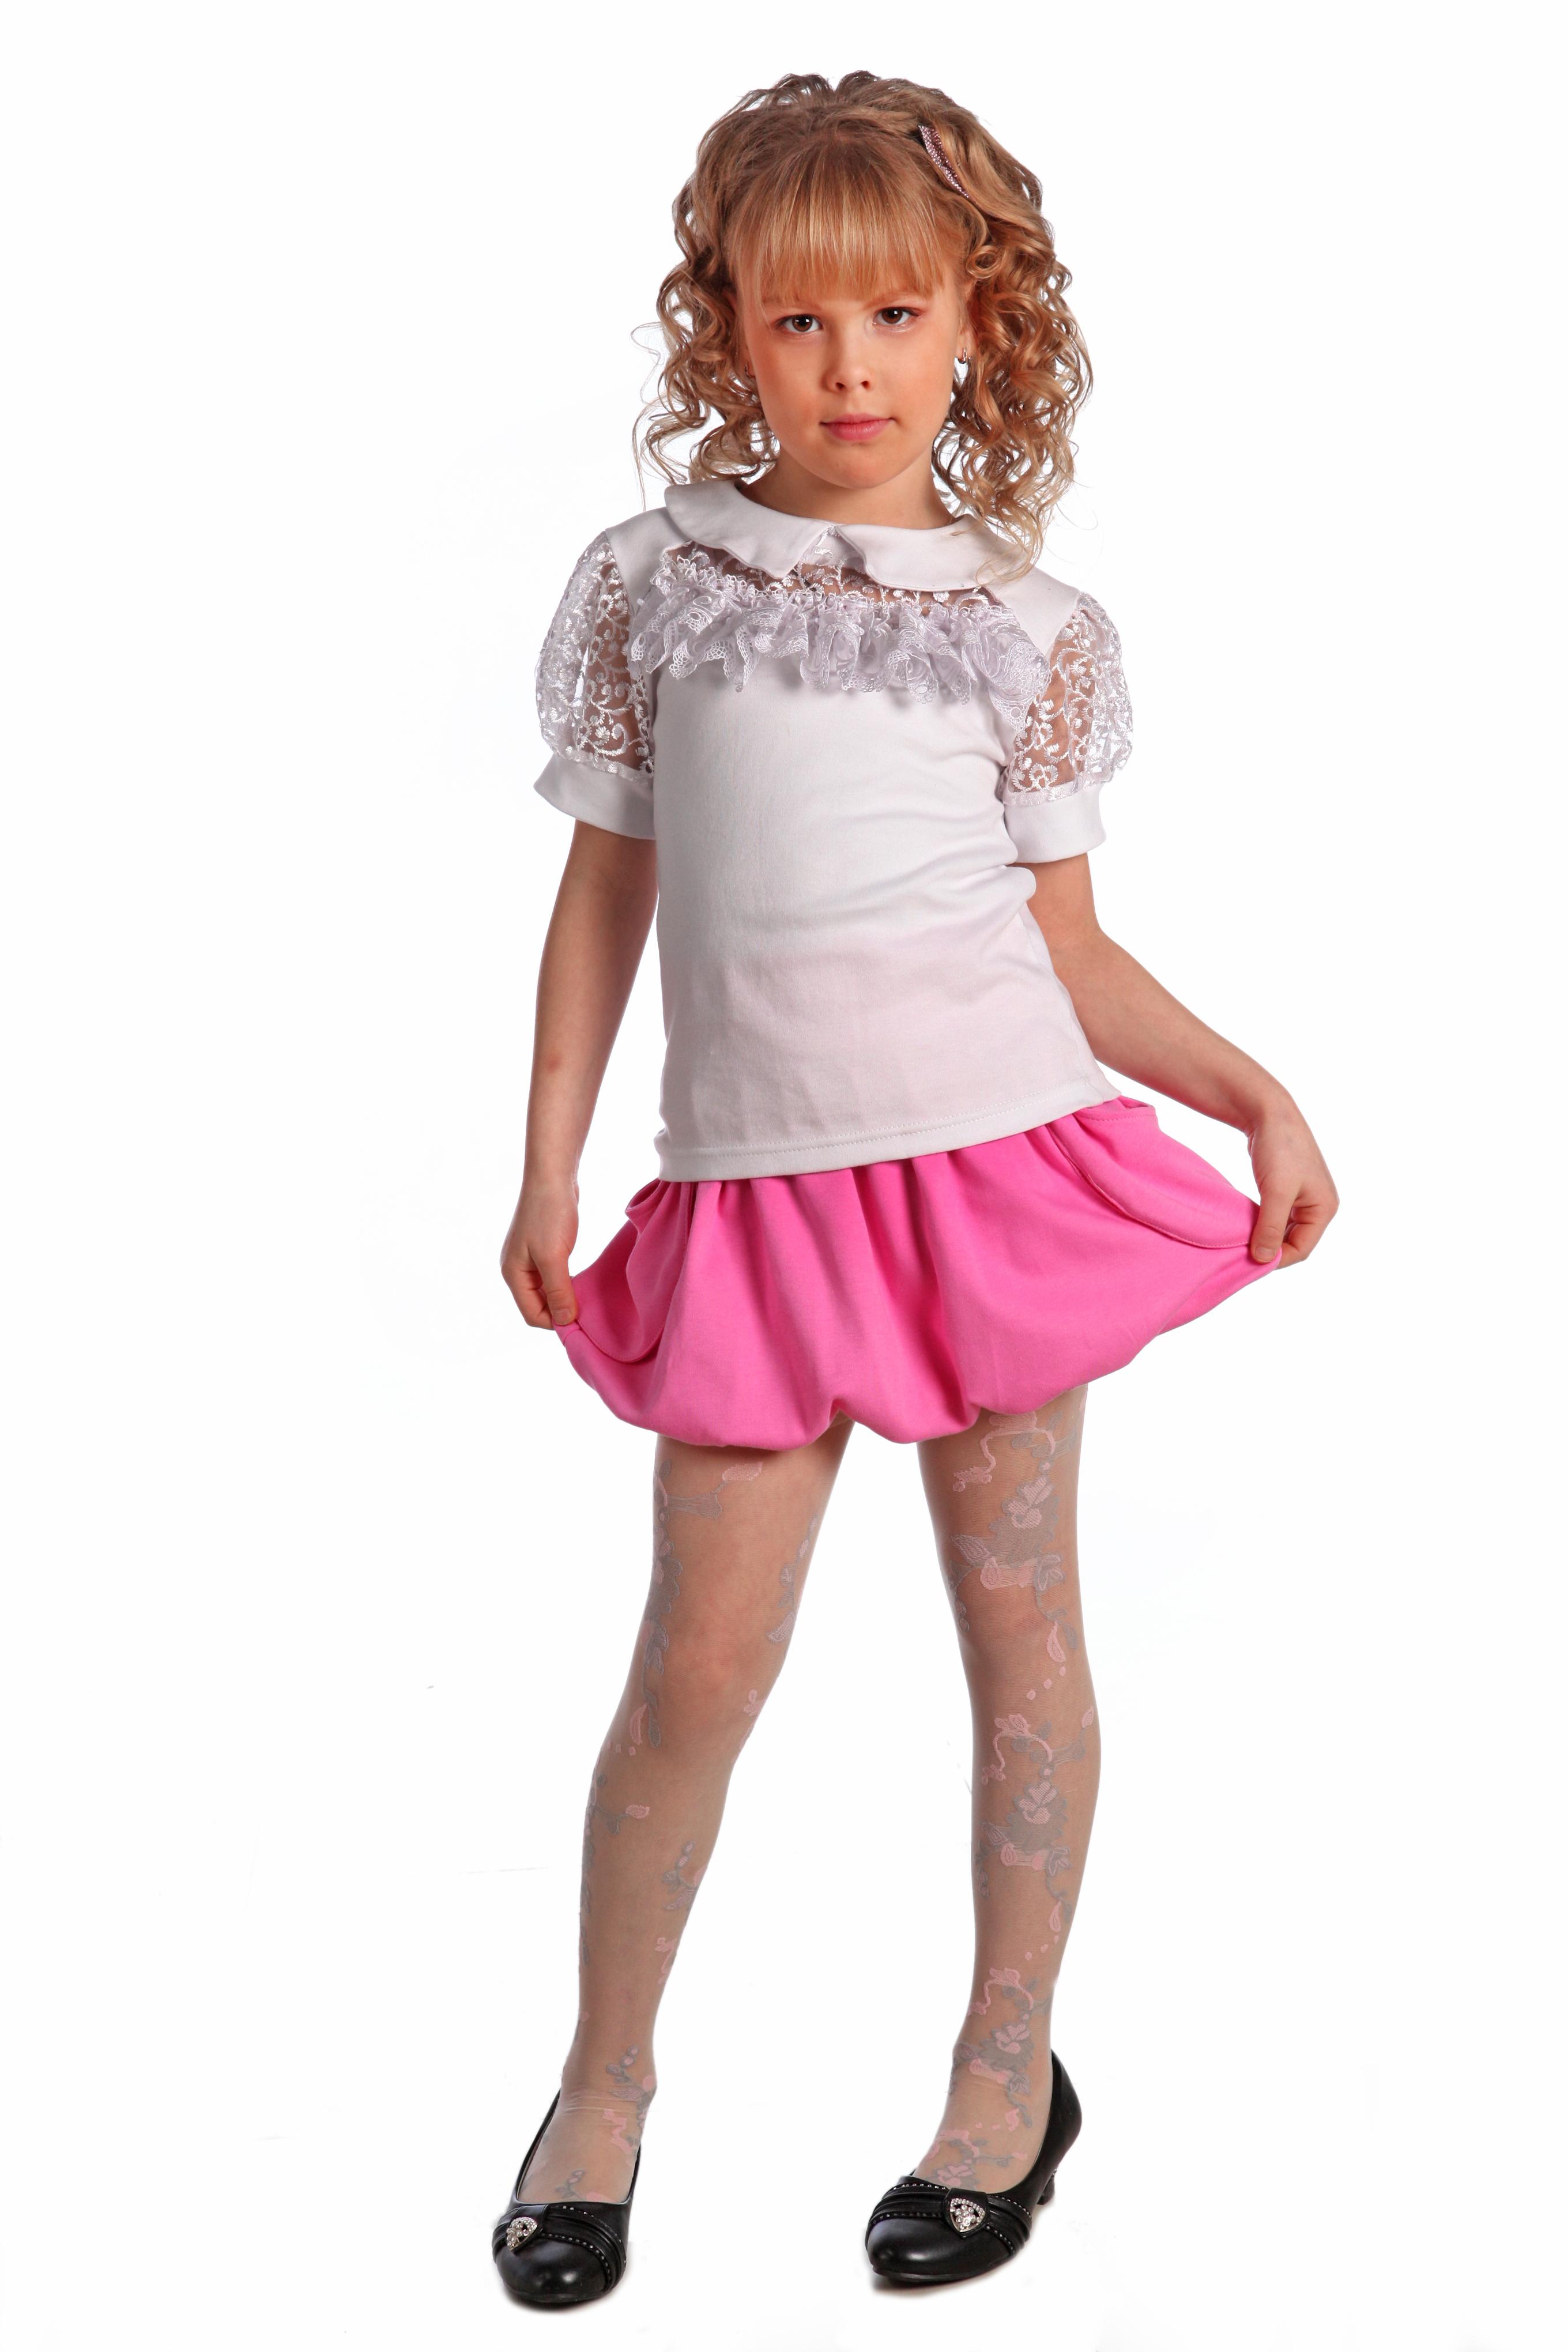 Сбор заказов. Стильный ребенок! Ивановский трикотаж для мальчишек и девчонок ! Модные ,уютные водолазки, джемпера, толстовки, спортивные костюмы,футболки а также нарядные платья, юбочки , халатики и пижамки . Самые низкие цены за высокое качество!